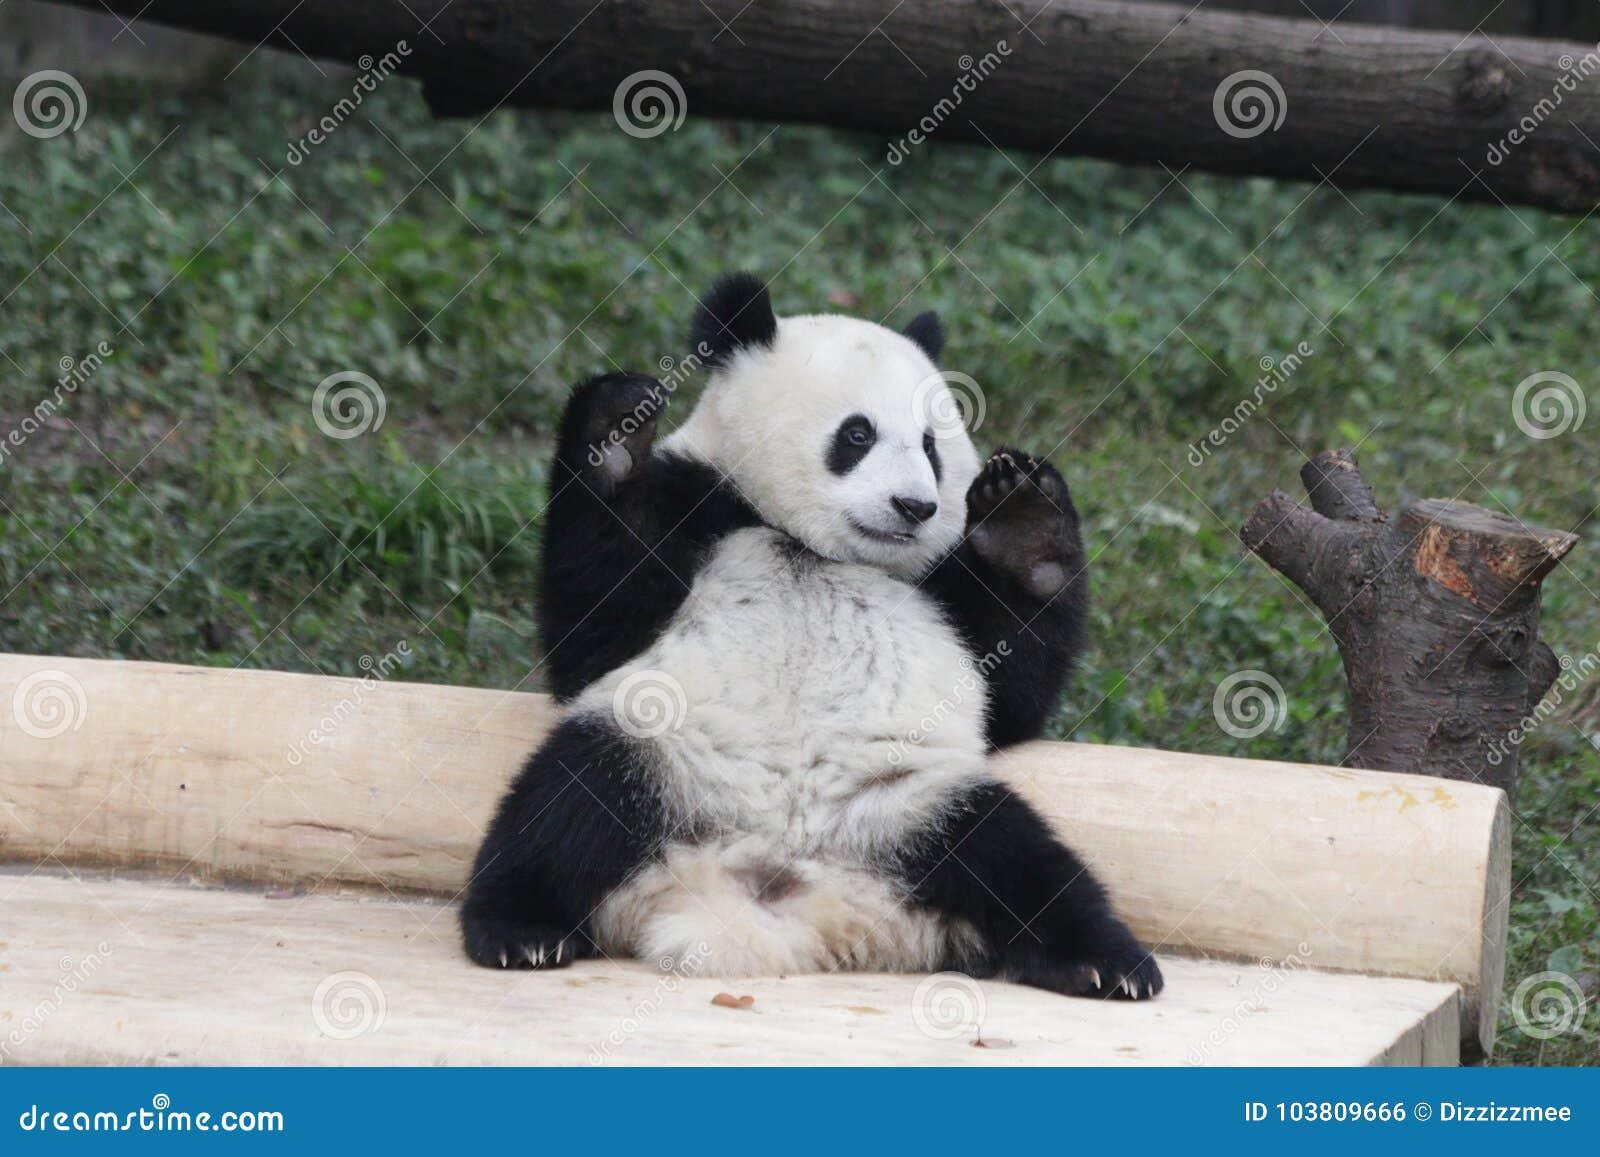 Playful Panda Cubs in Chongqing, China